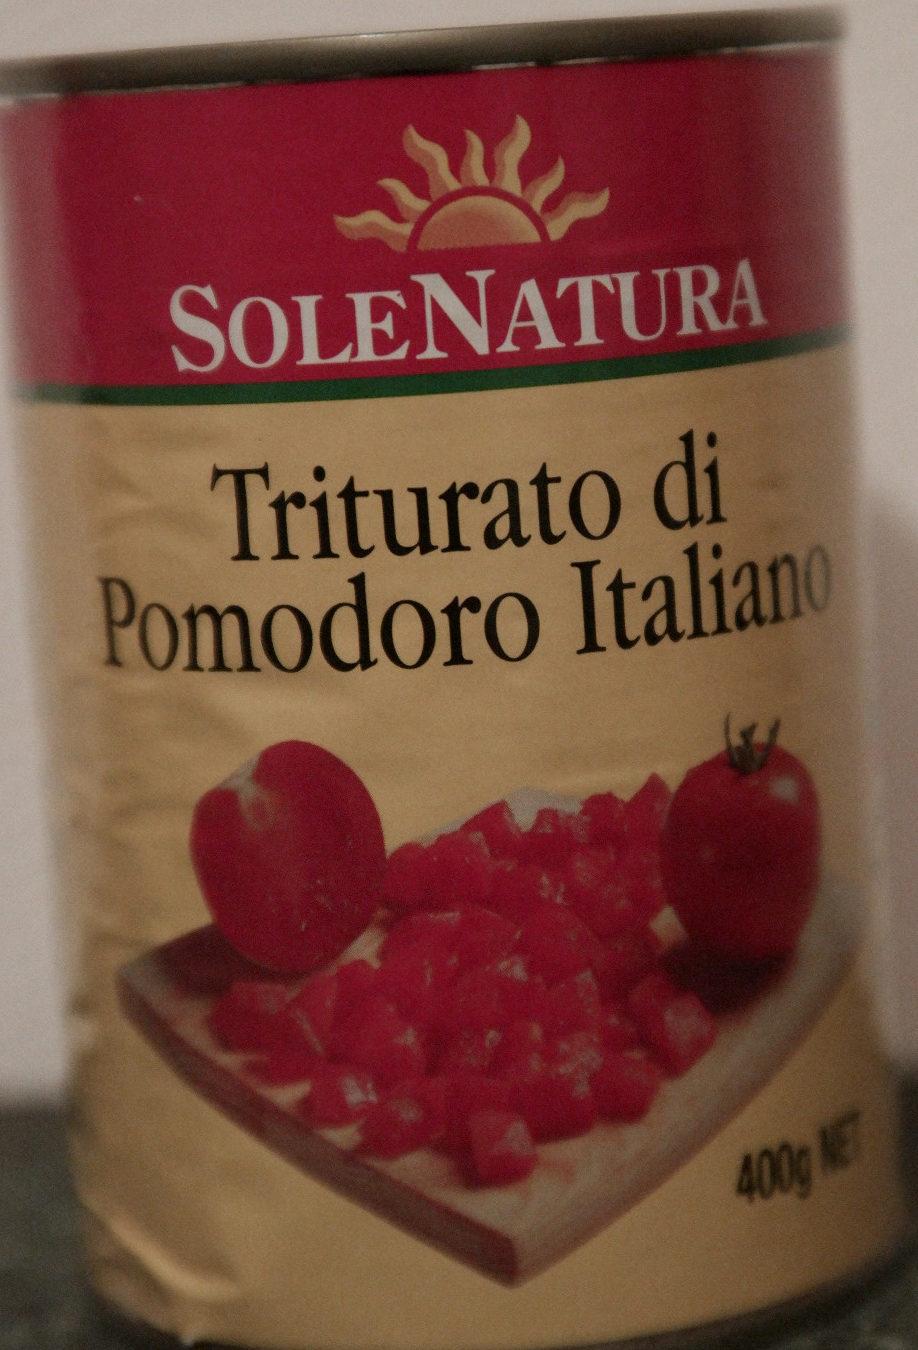 SoleNatura Triturato di Pomodoro Italiano - Product - en